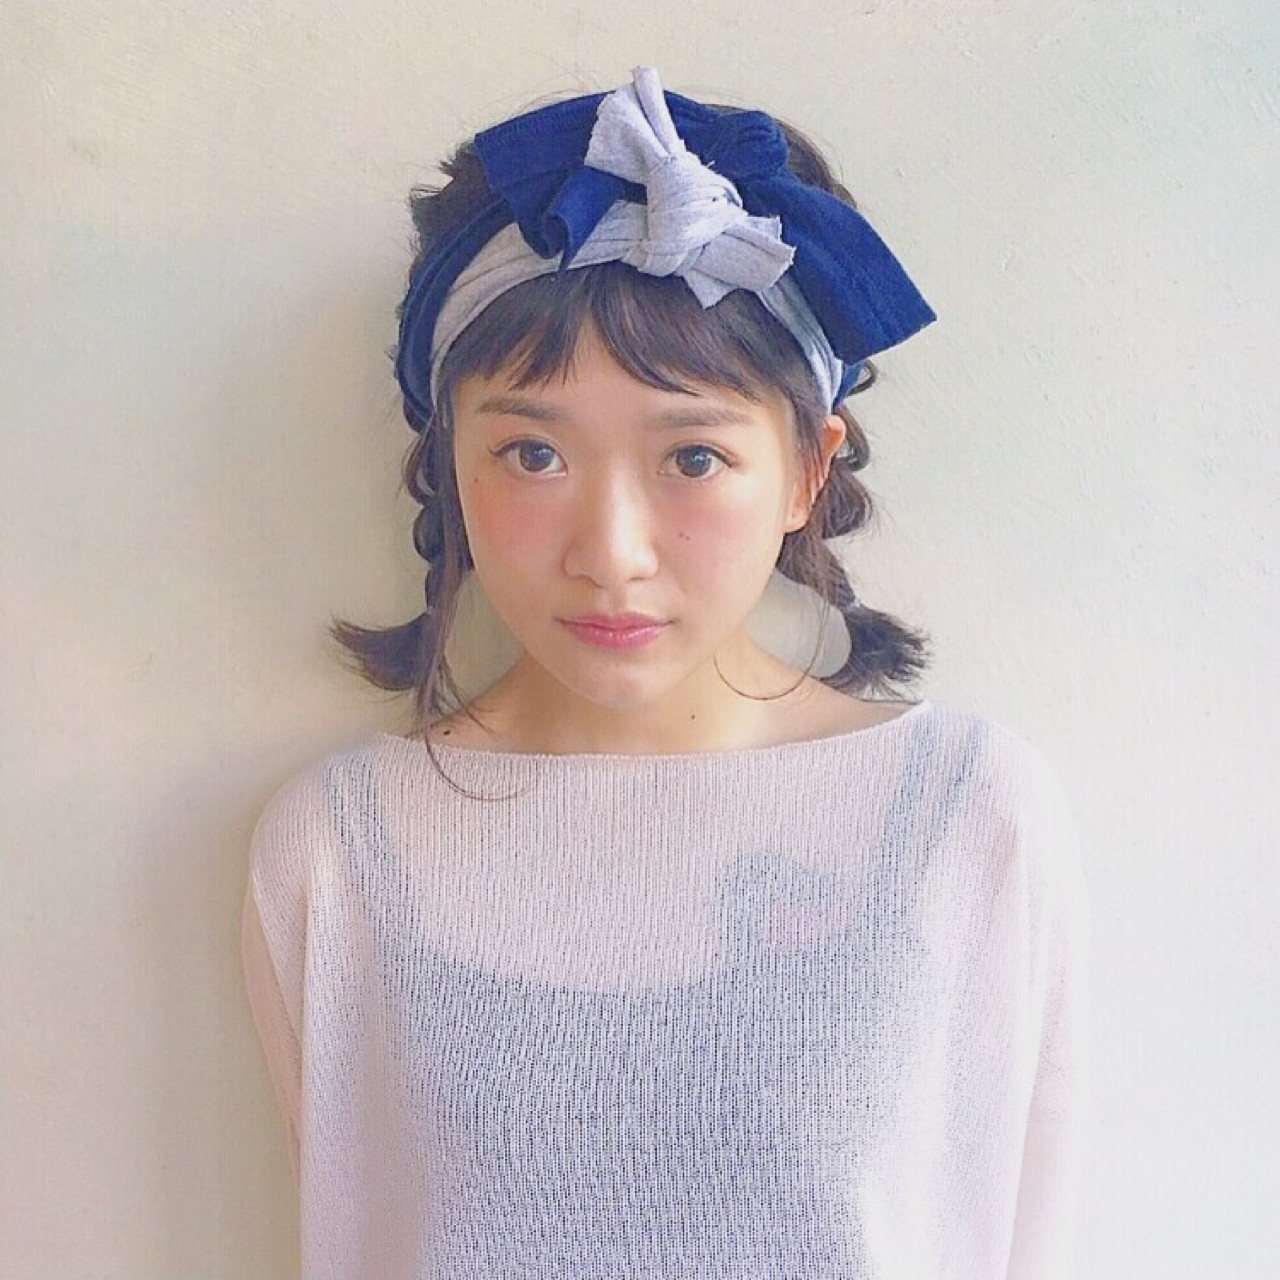 [詳しい方法付き]毎日をオシャレに飾りたい!誰でもできる簡単ヘアアレンジ特集 出典:Chihiro Hayakawa